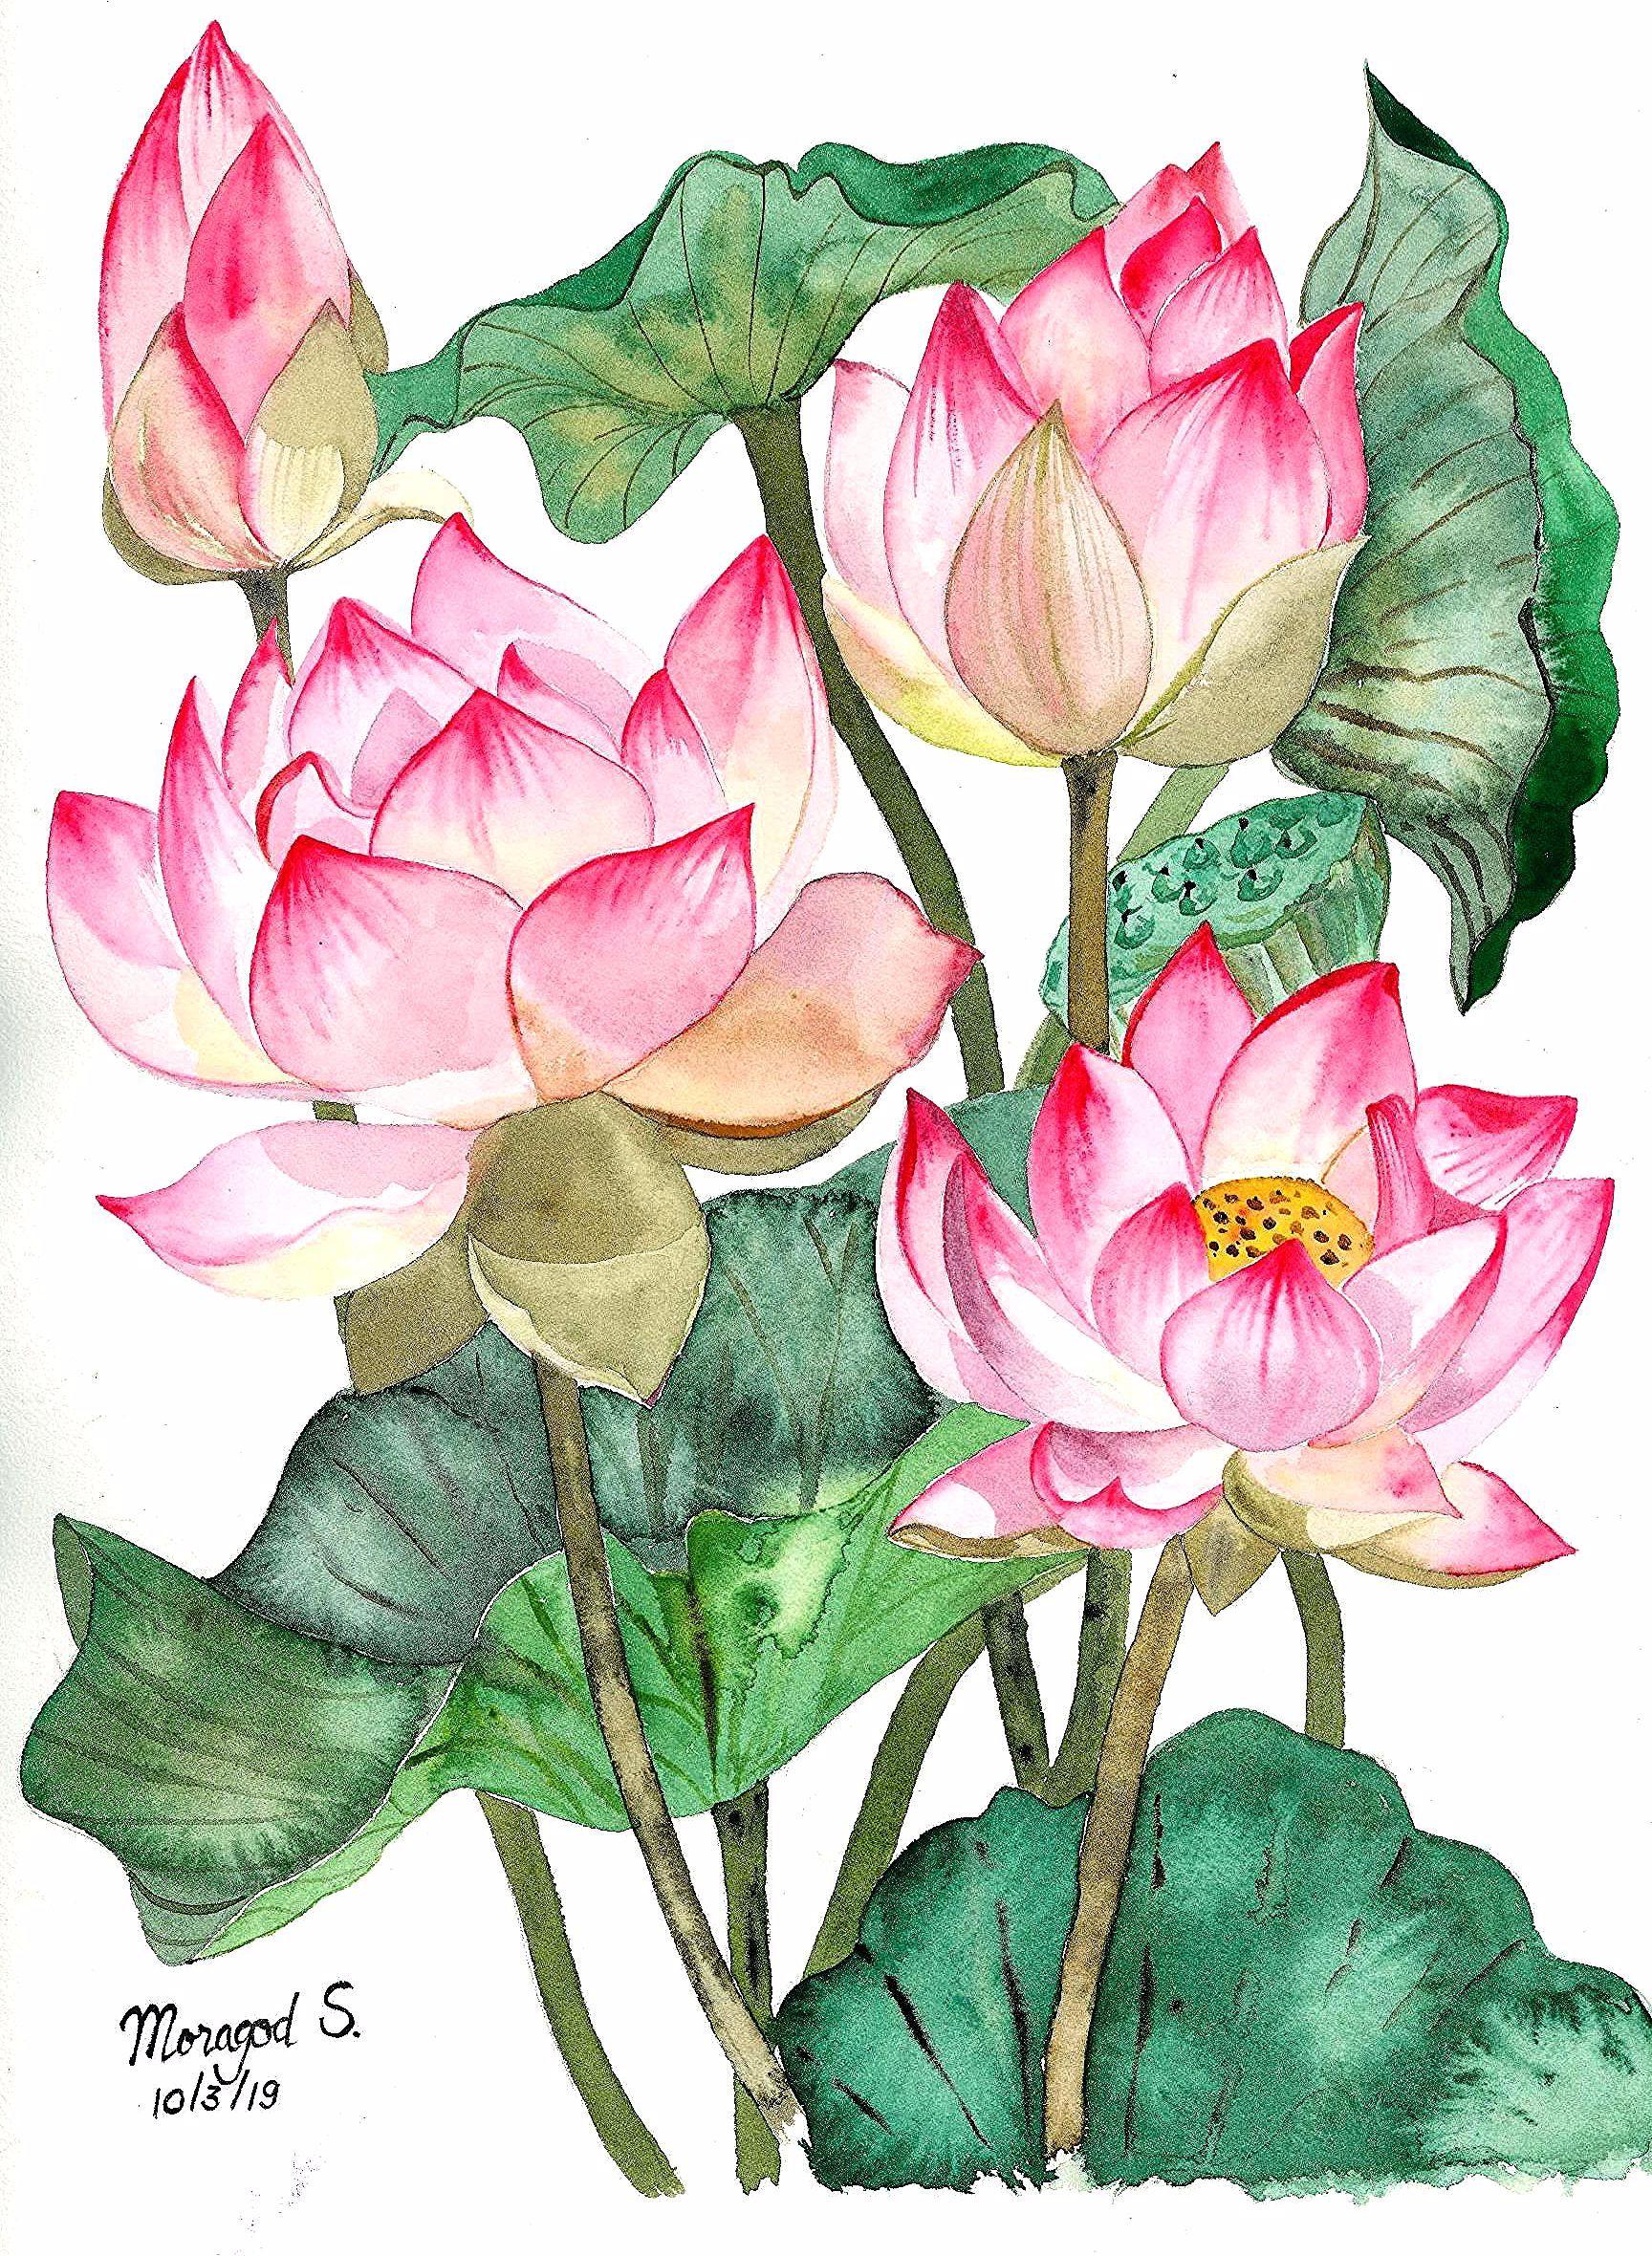 My Lotus Painting Peaceful Lotus Watercolor Painting ดอกบ ว ว ธ การวาดดอกไม ศ ลปกรรม ศ ลปะดอกไม